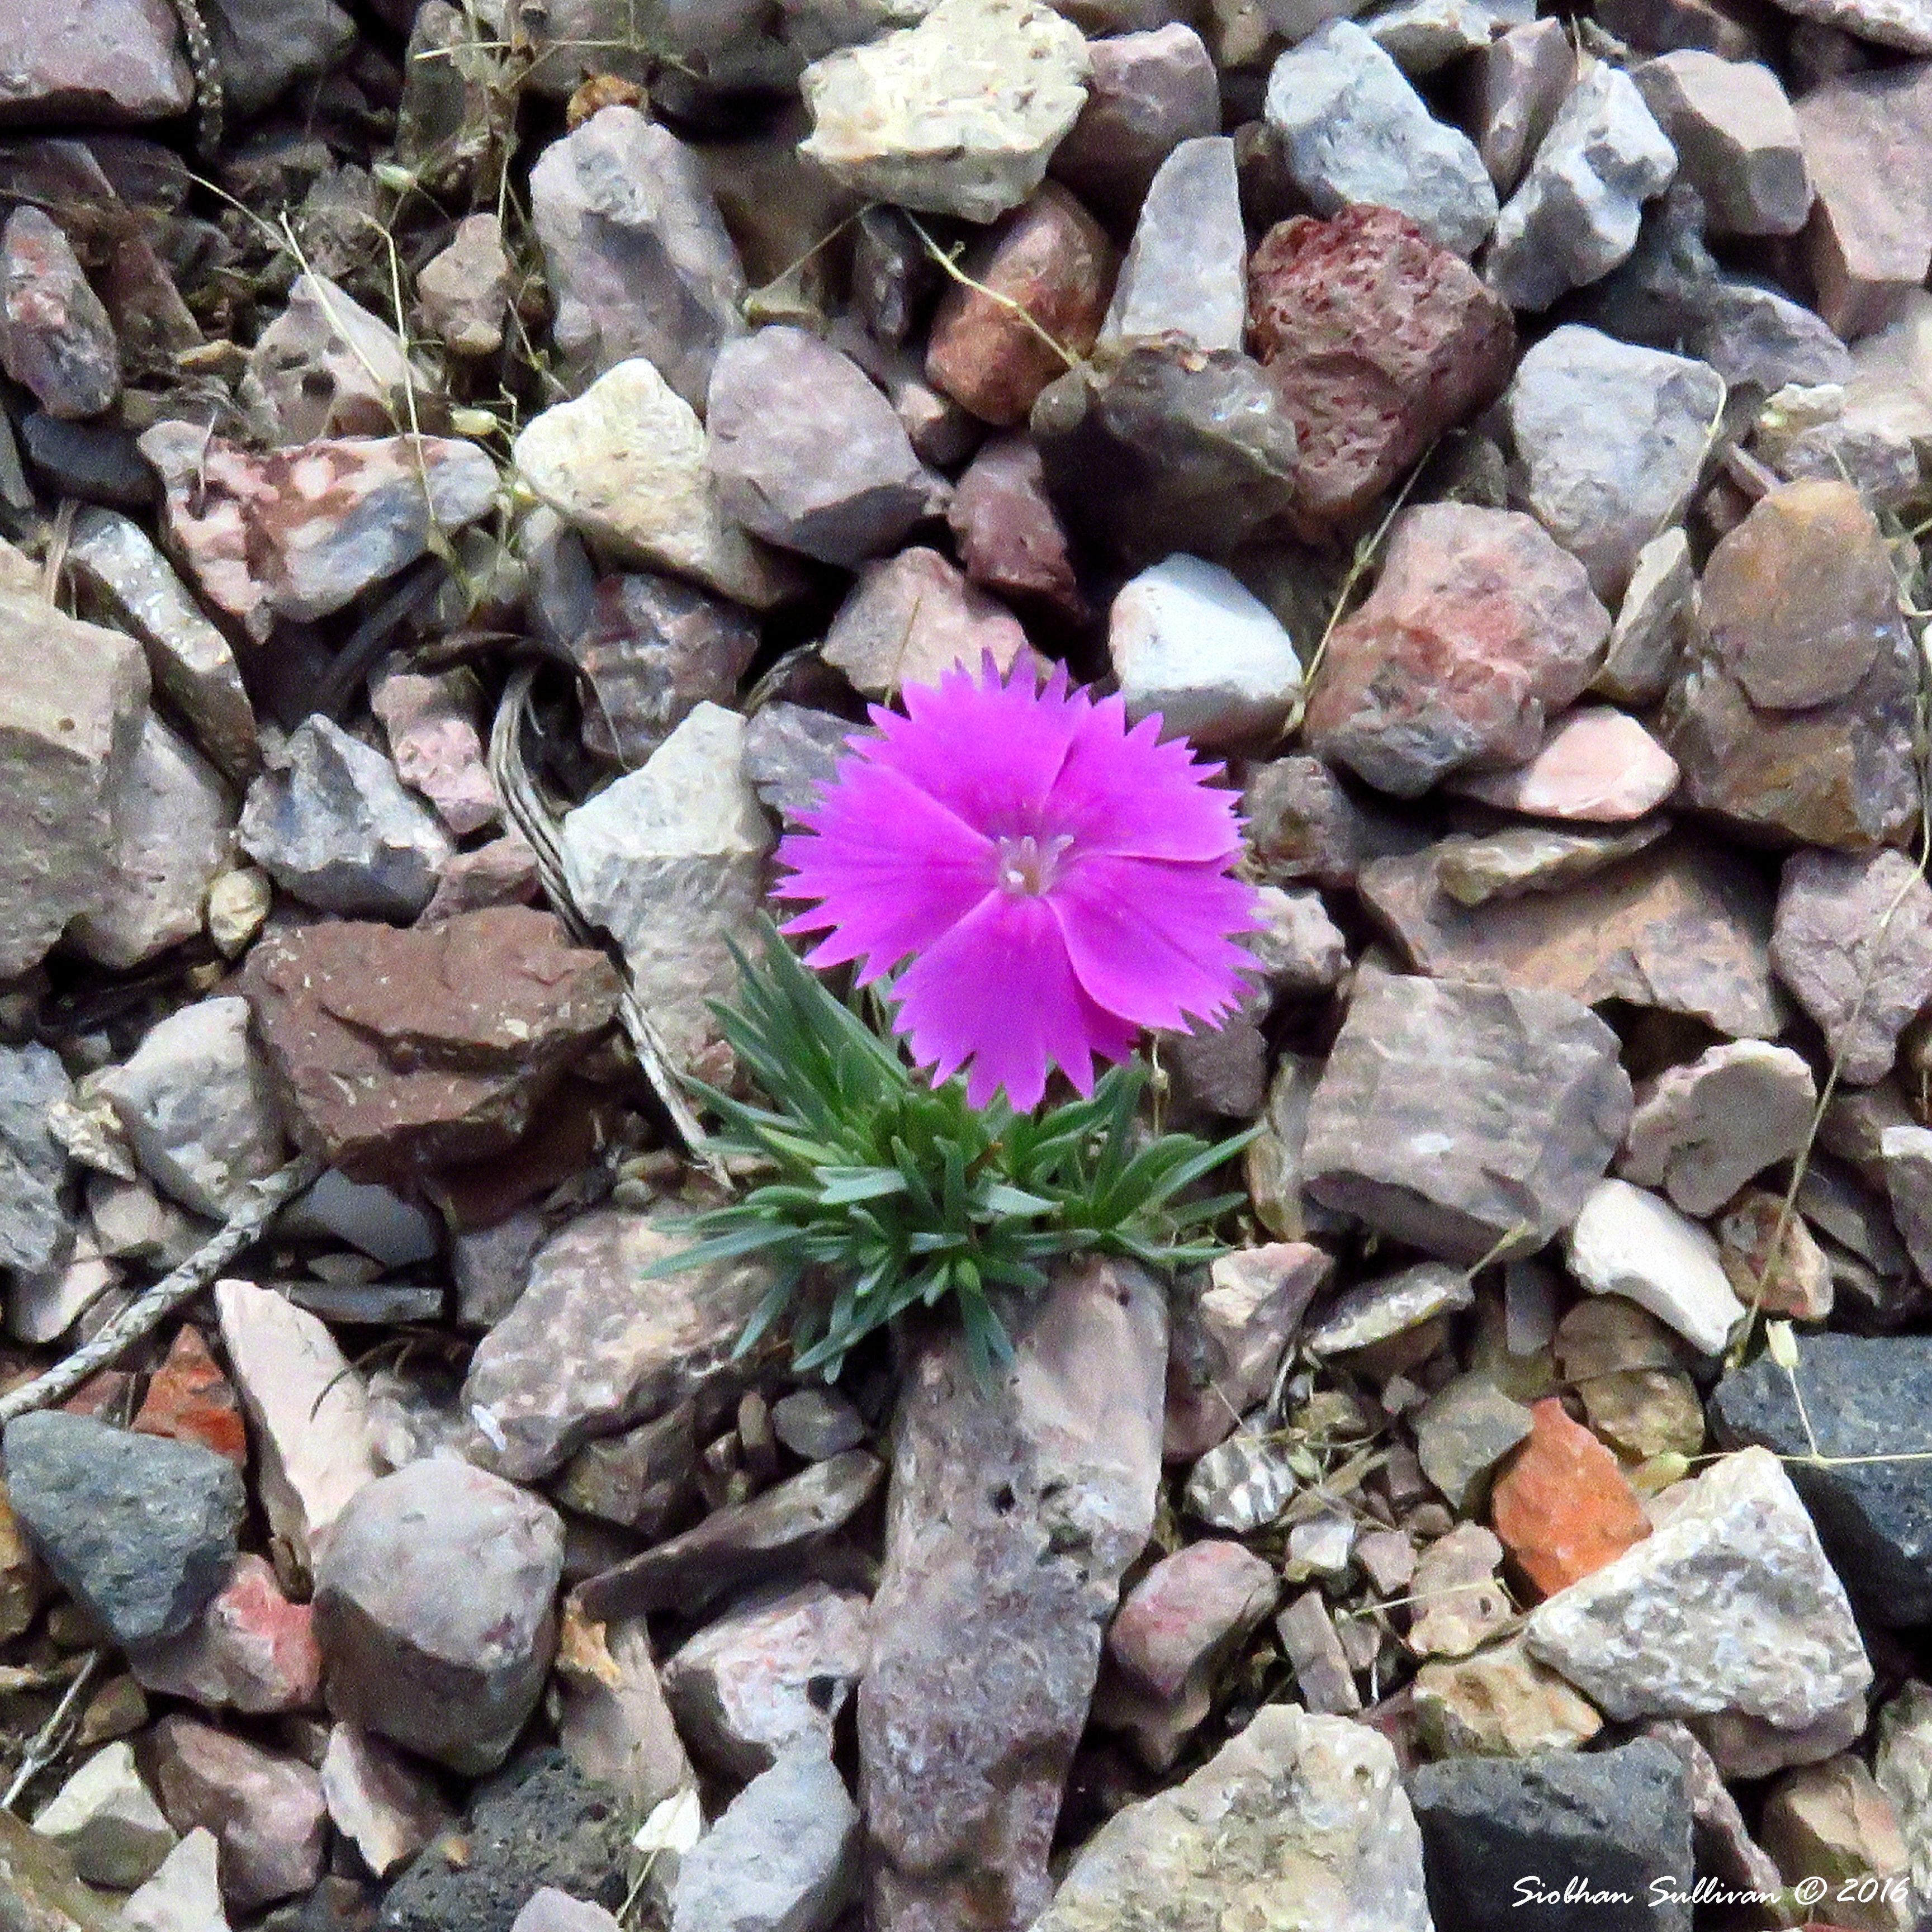 Carnation, Dianthus sp.